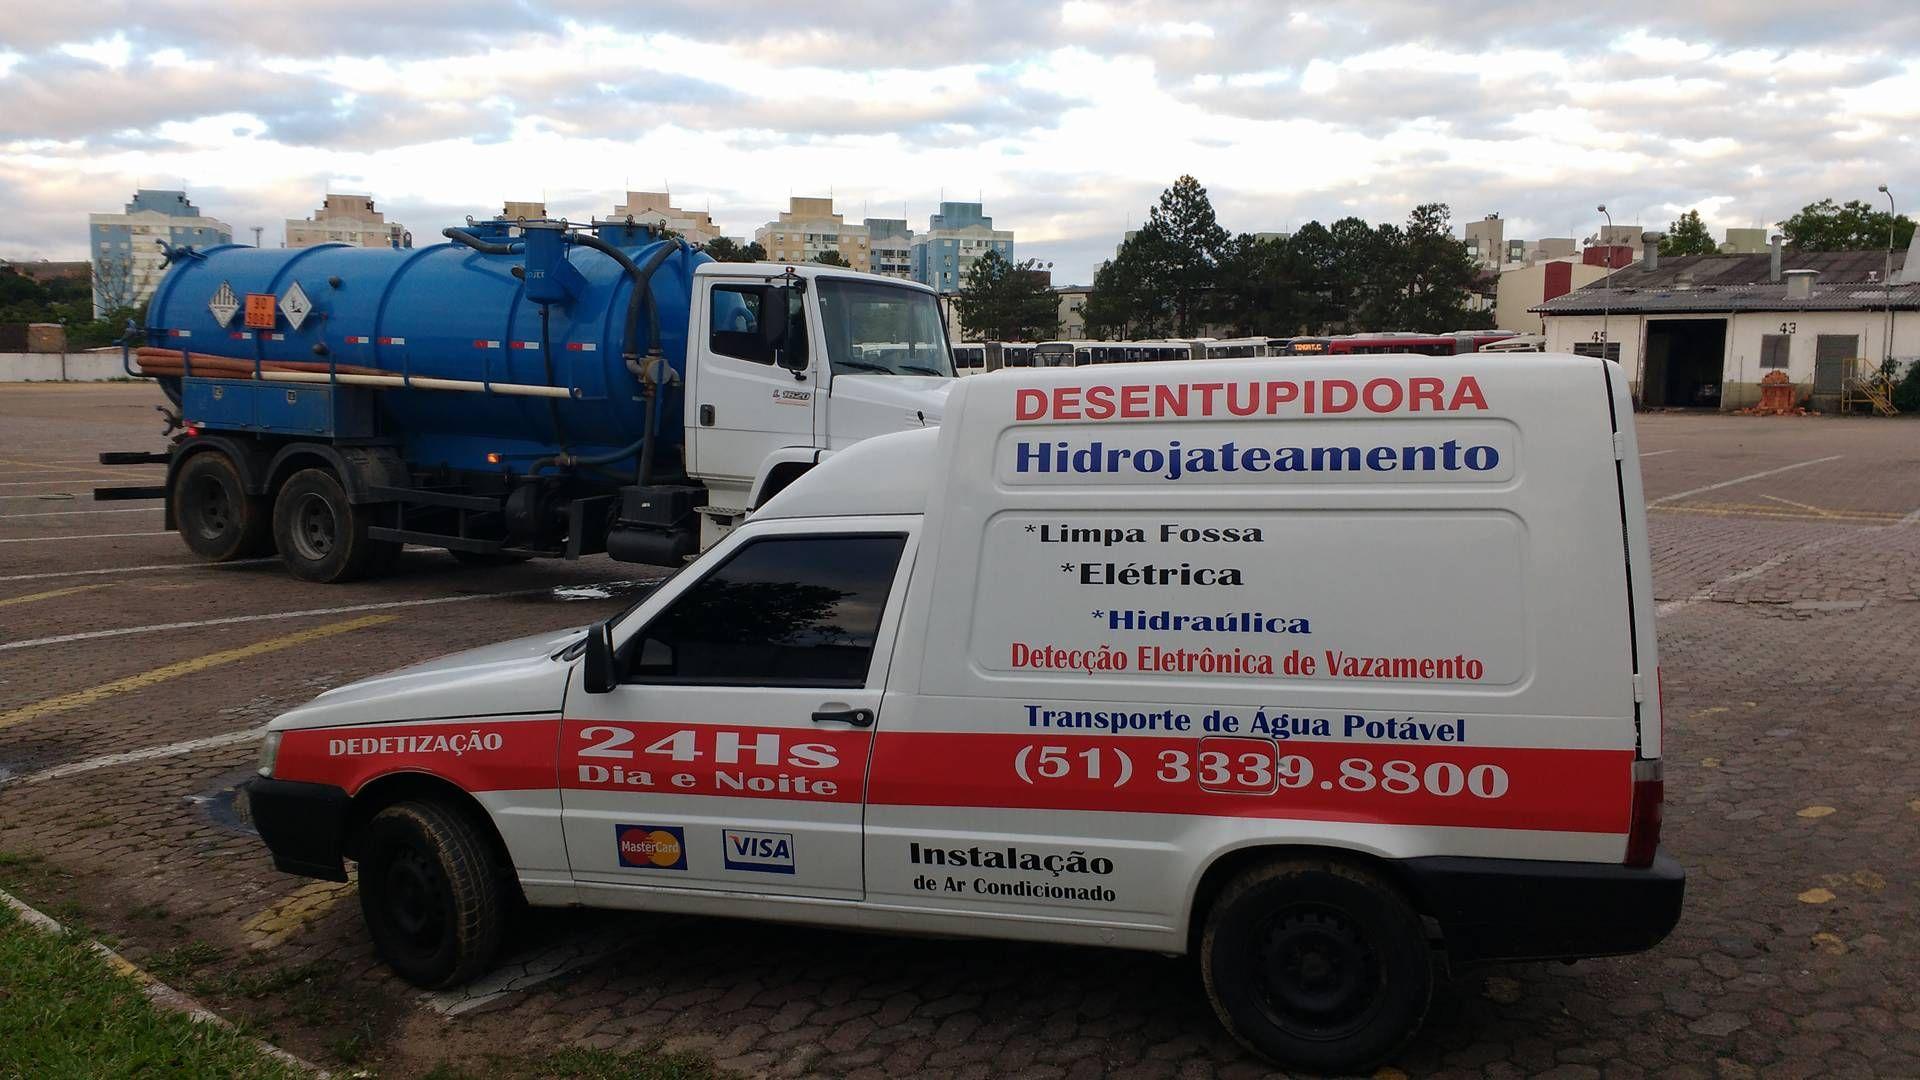 Desentupidora em Porto Alegre 24H - (51) 3339.8800 - HIDROMAK. Ligue e solicite um orçamento grátis. Pagamento Facilitado Visa / Master